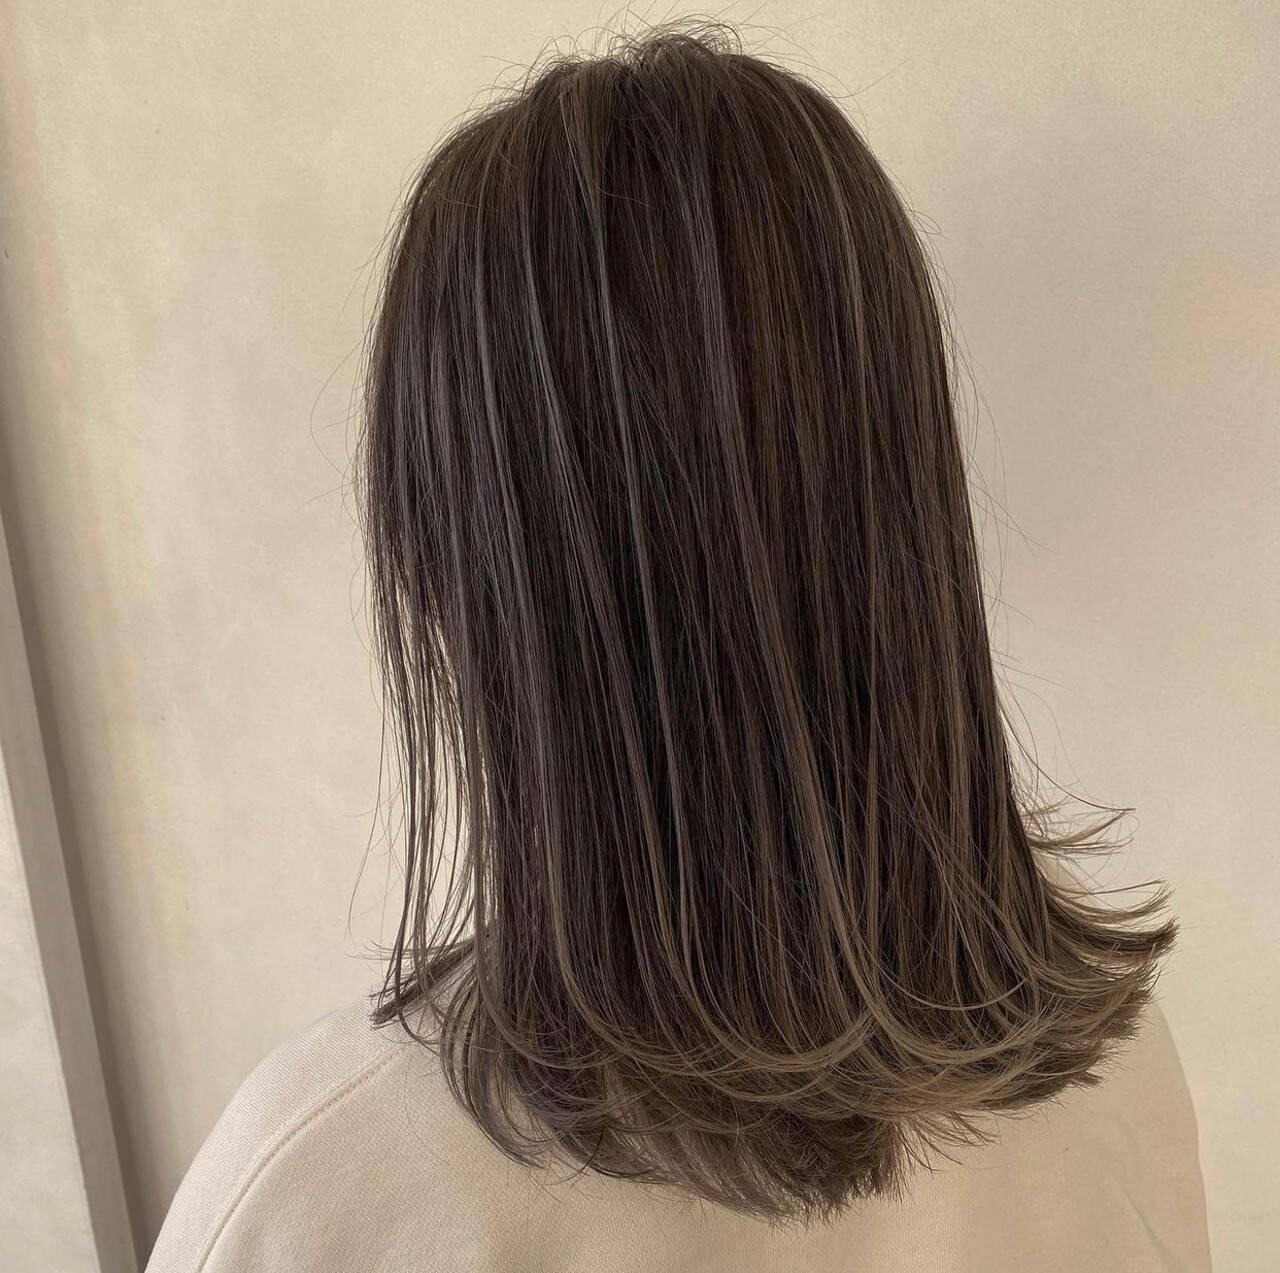 バレイヤージュ セミロング エアータッチ ハイライトヘアスタイルや髪型の写真・画像